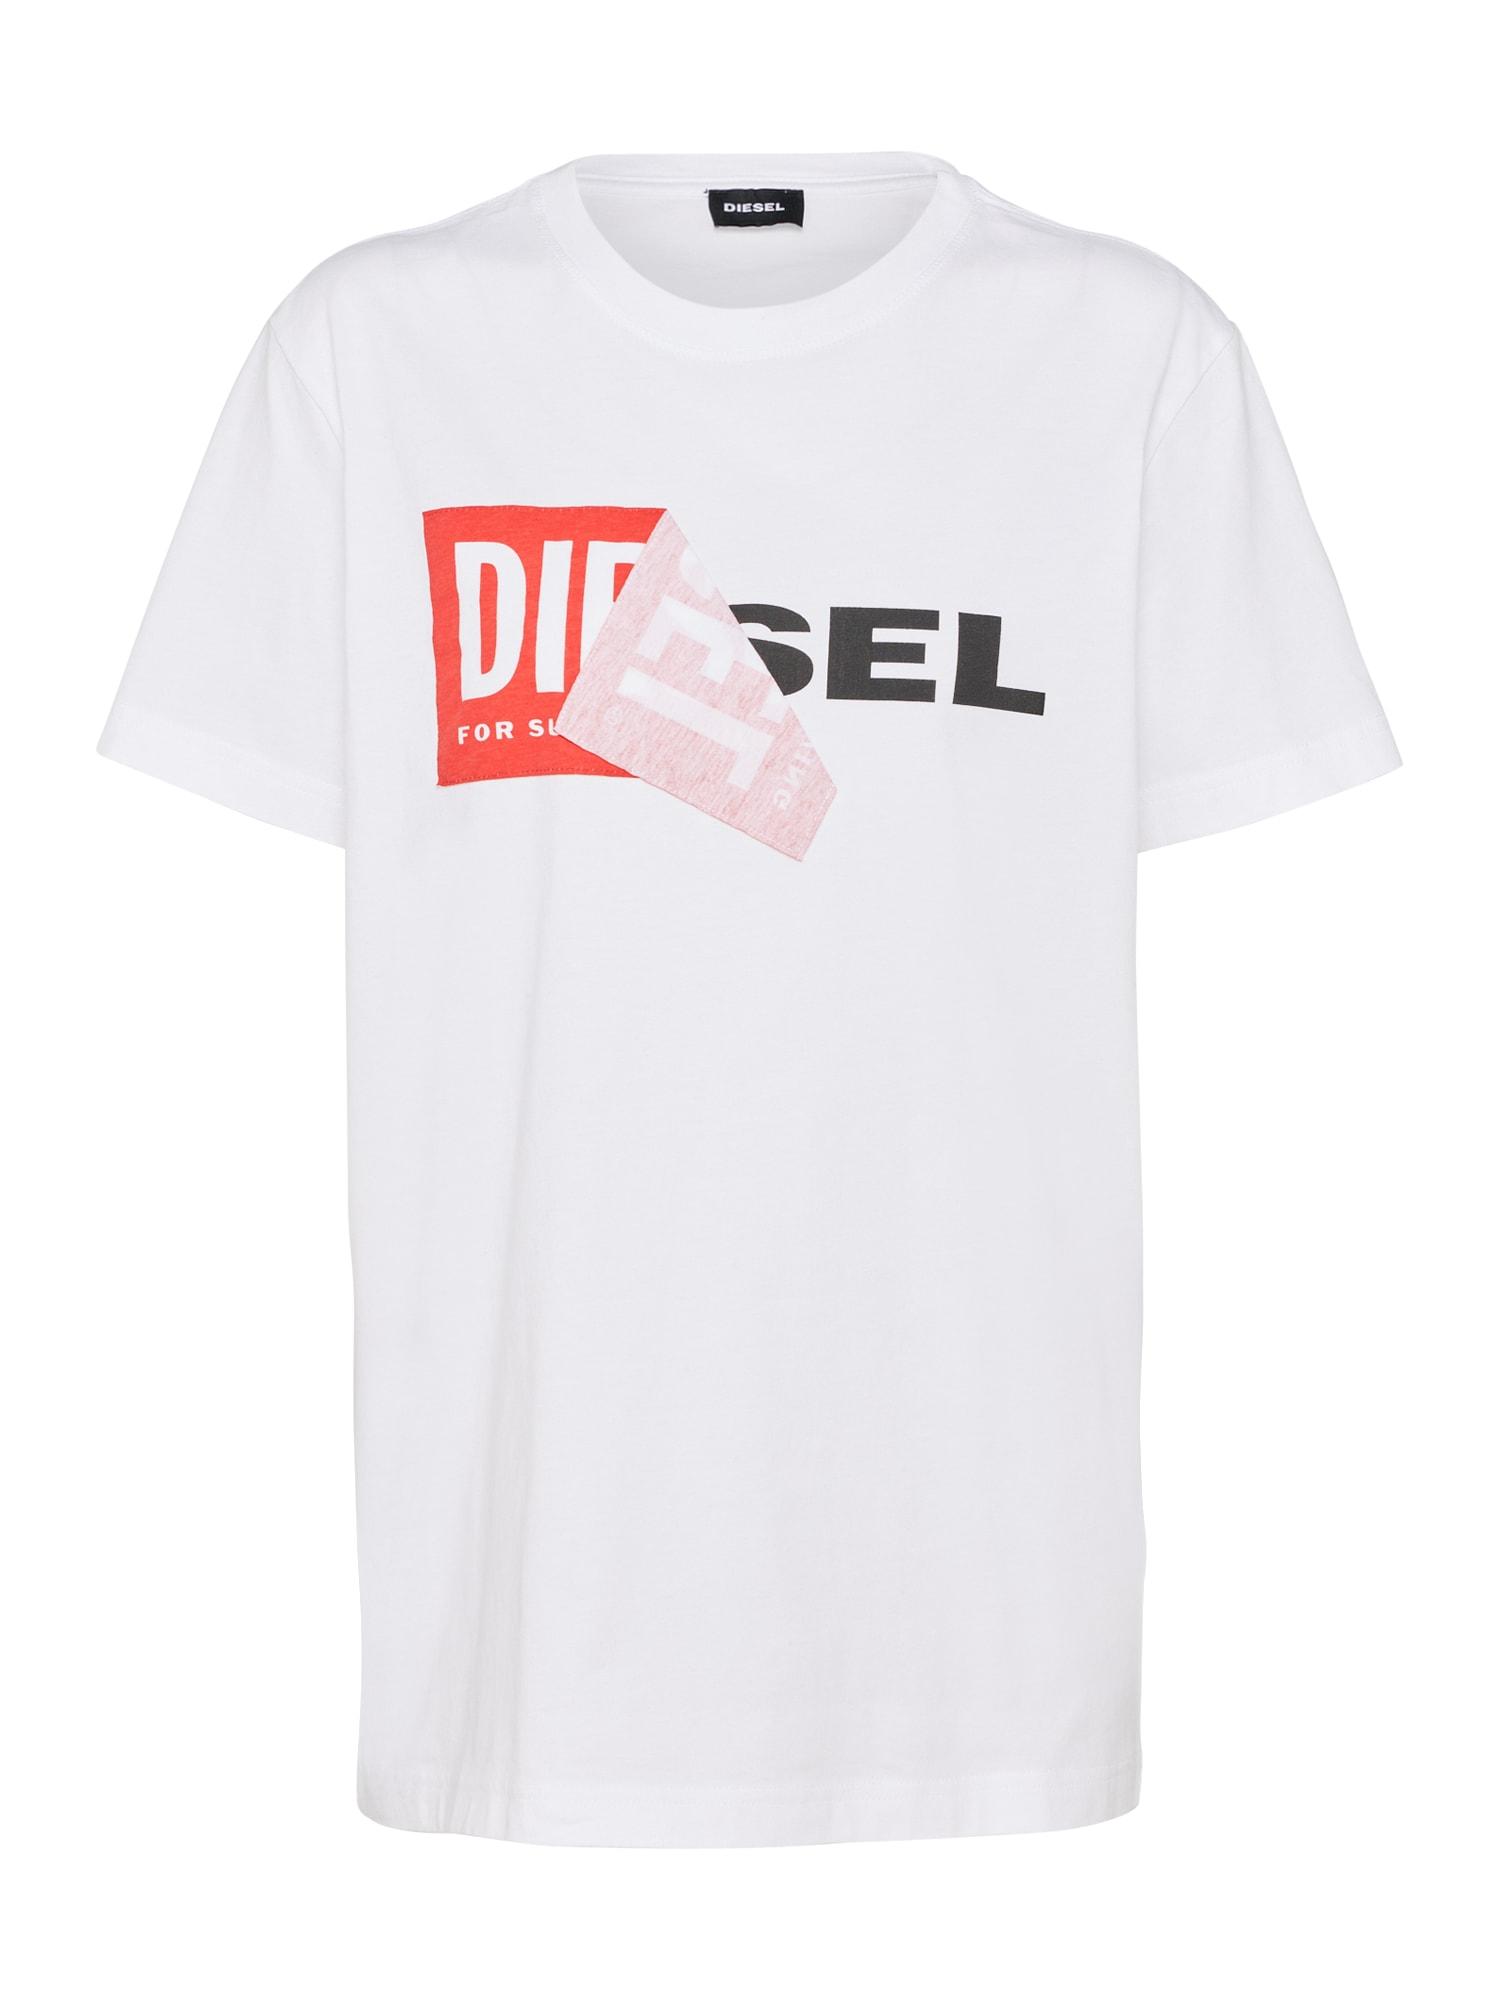 DIESEL Dames Shirt lichtrood zwart wit